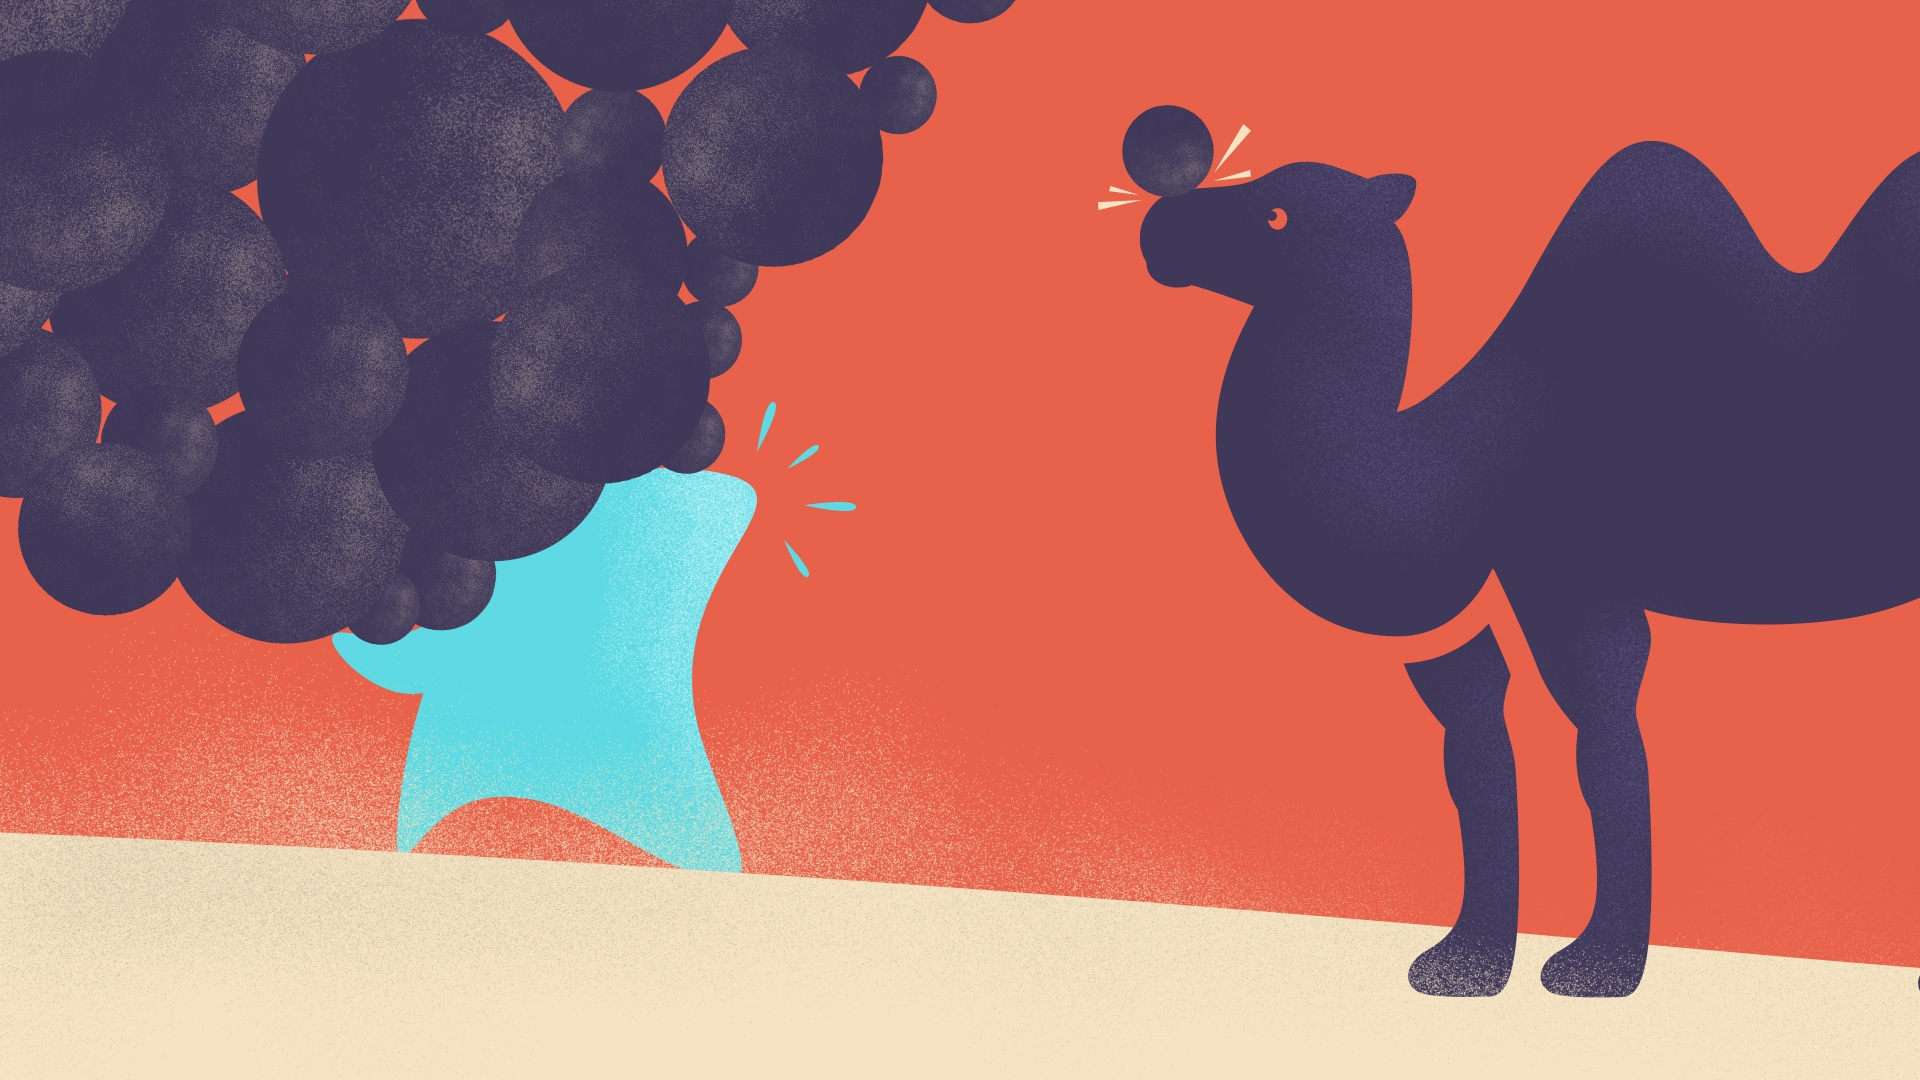 Personnage bleu croisant un chameau dans le désert